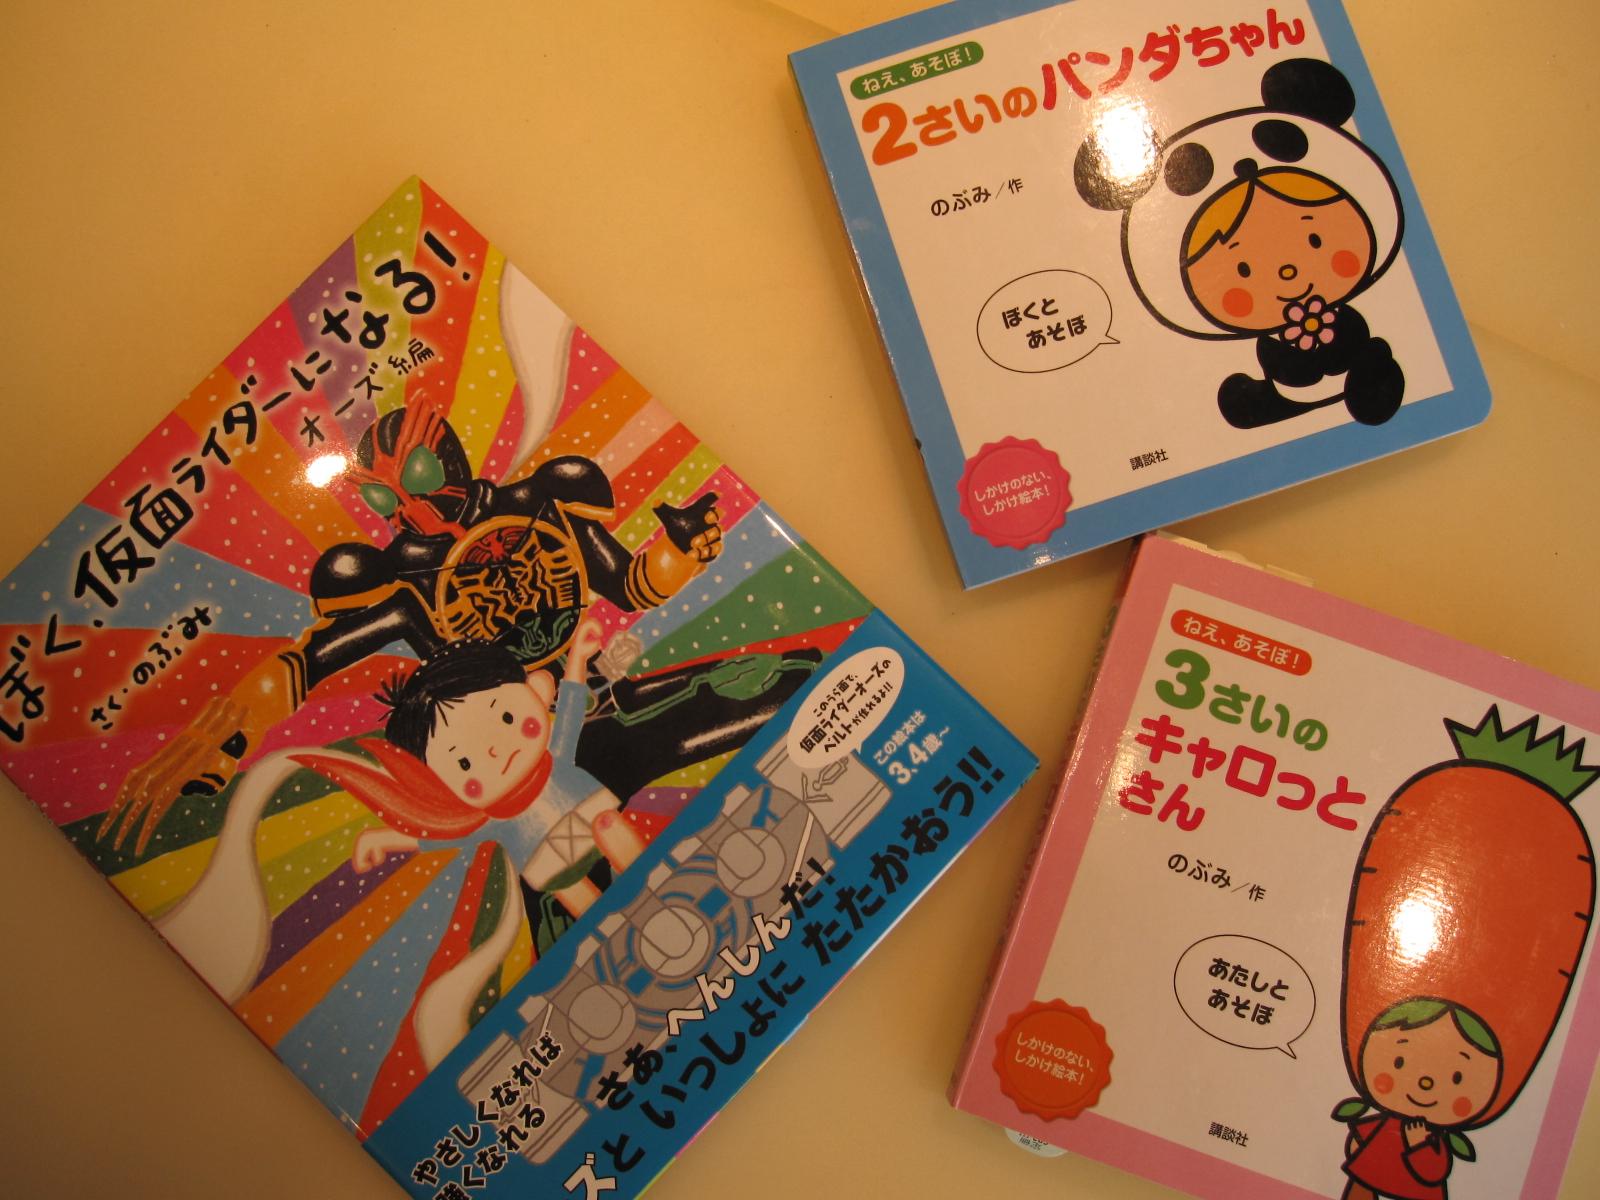 nobumi_book.JPG